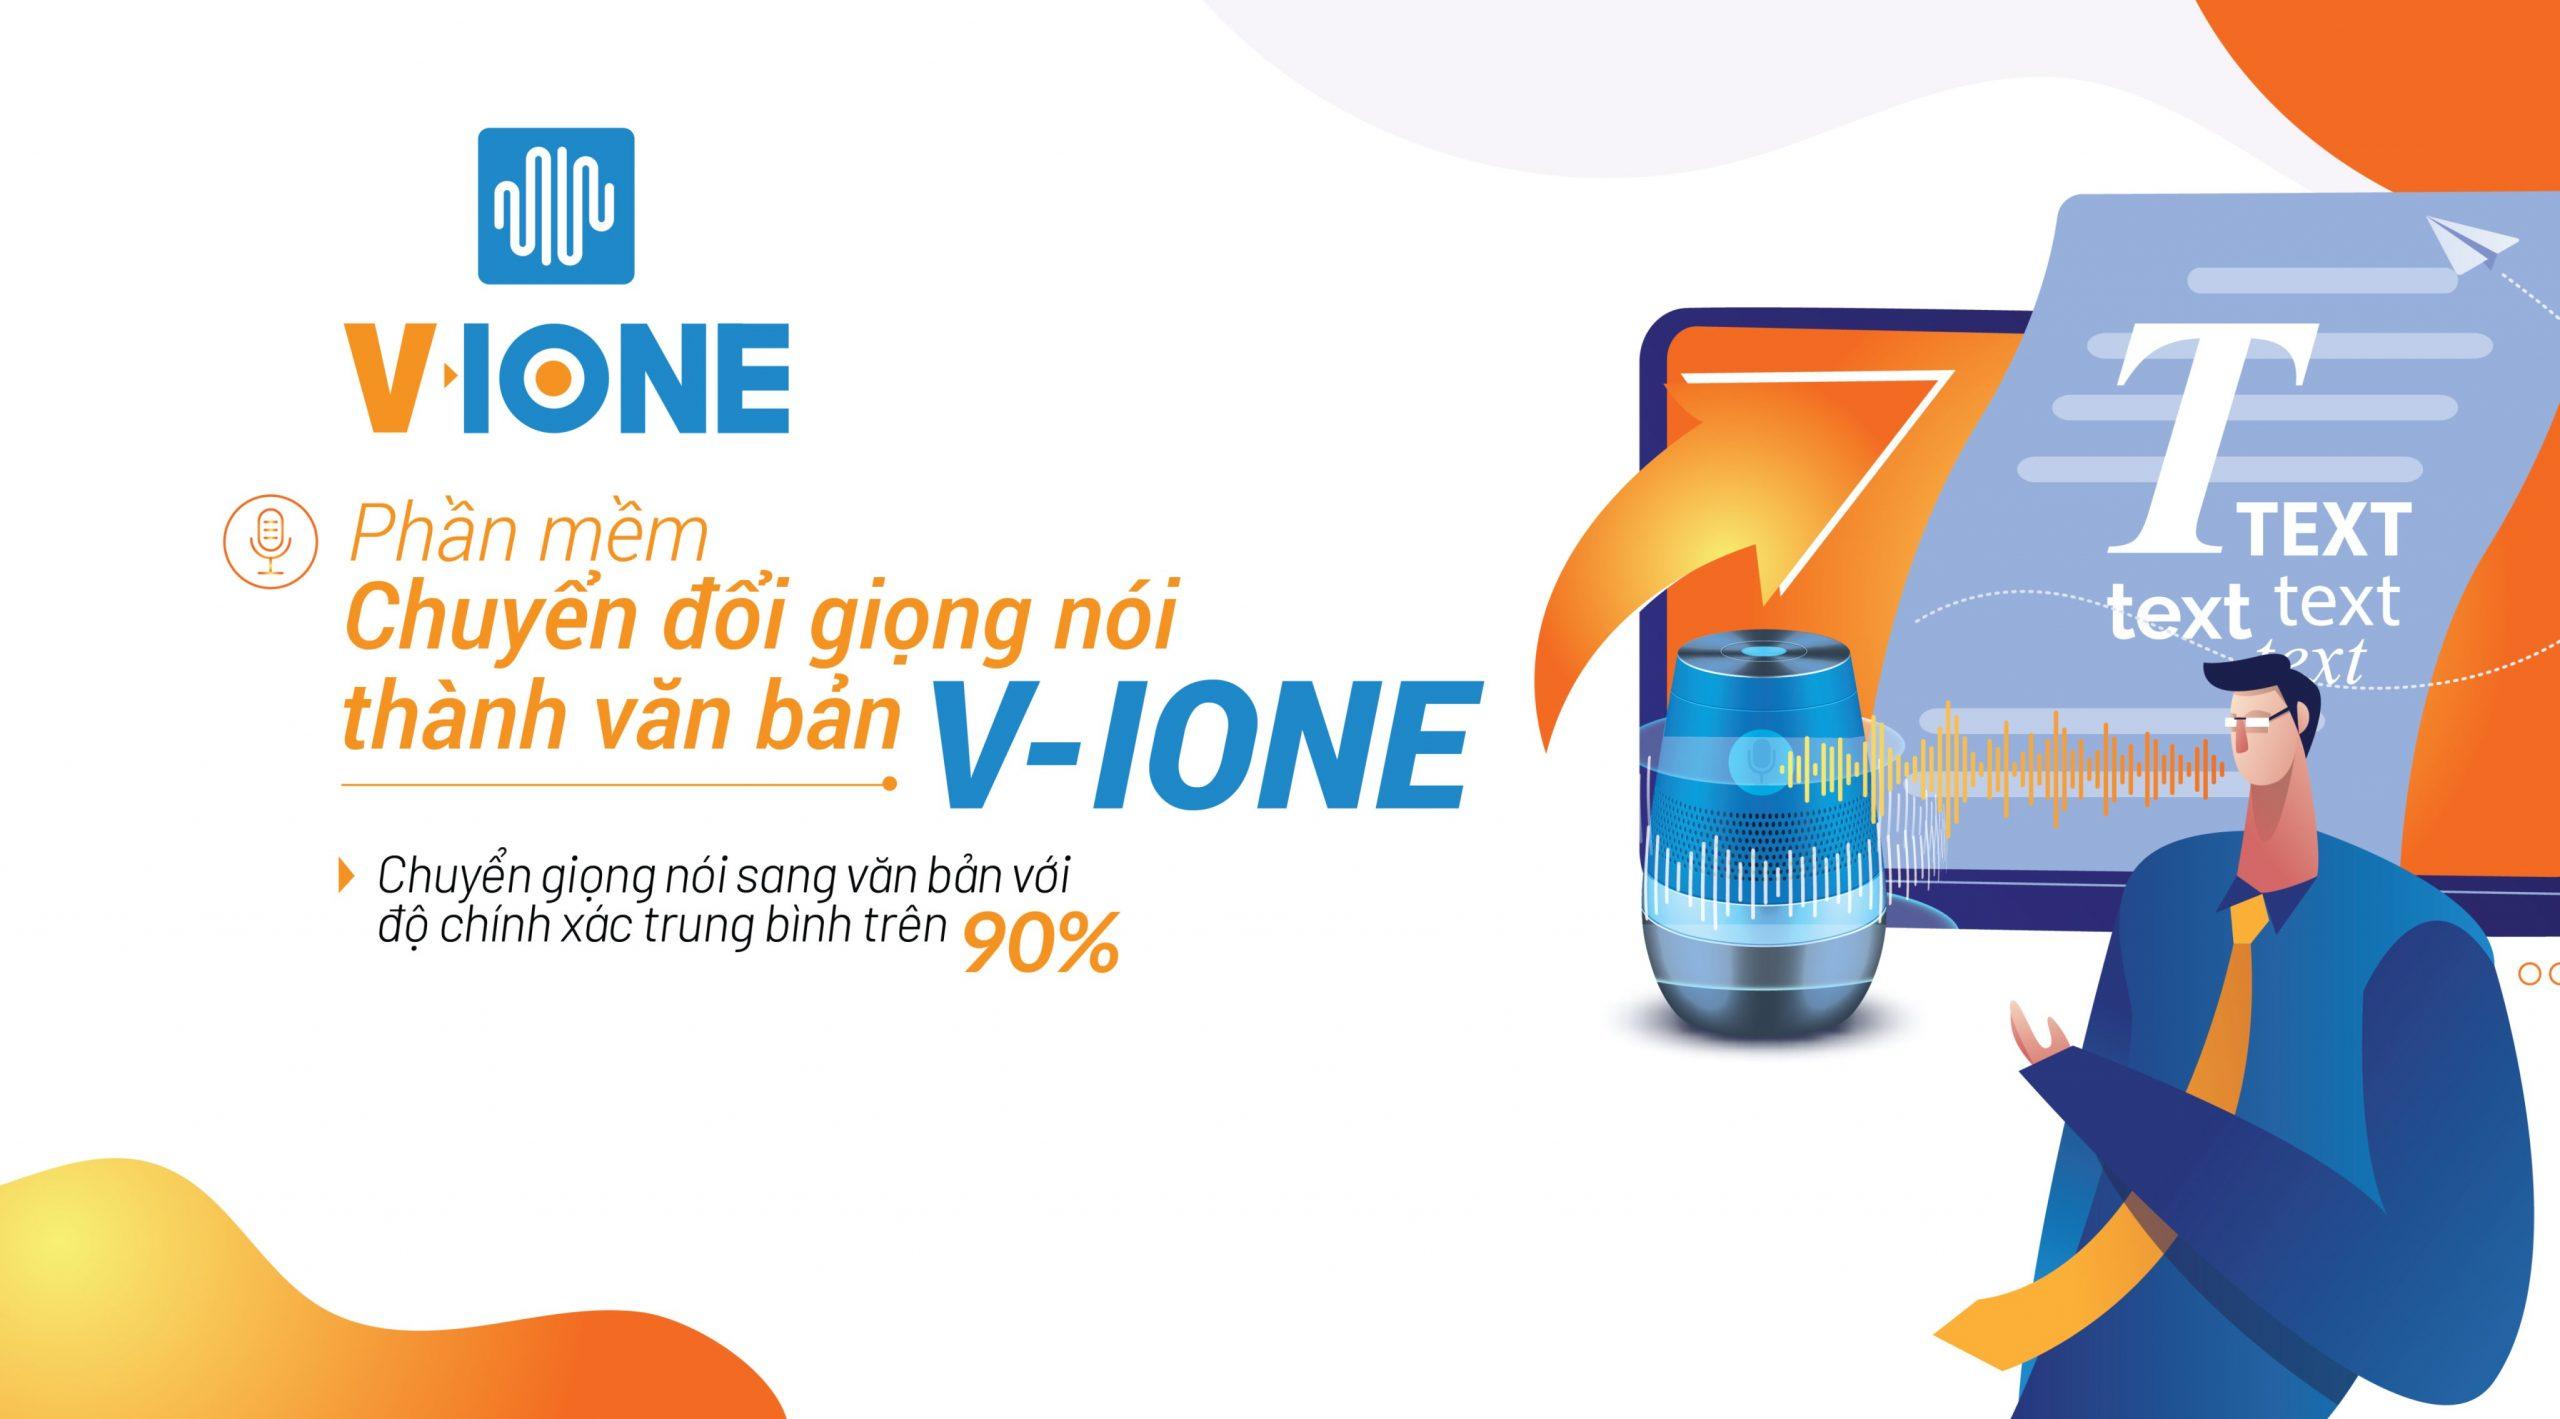 phần mềm chuyển đổi giọng nói thành văn bản V-IONE